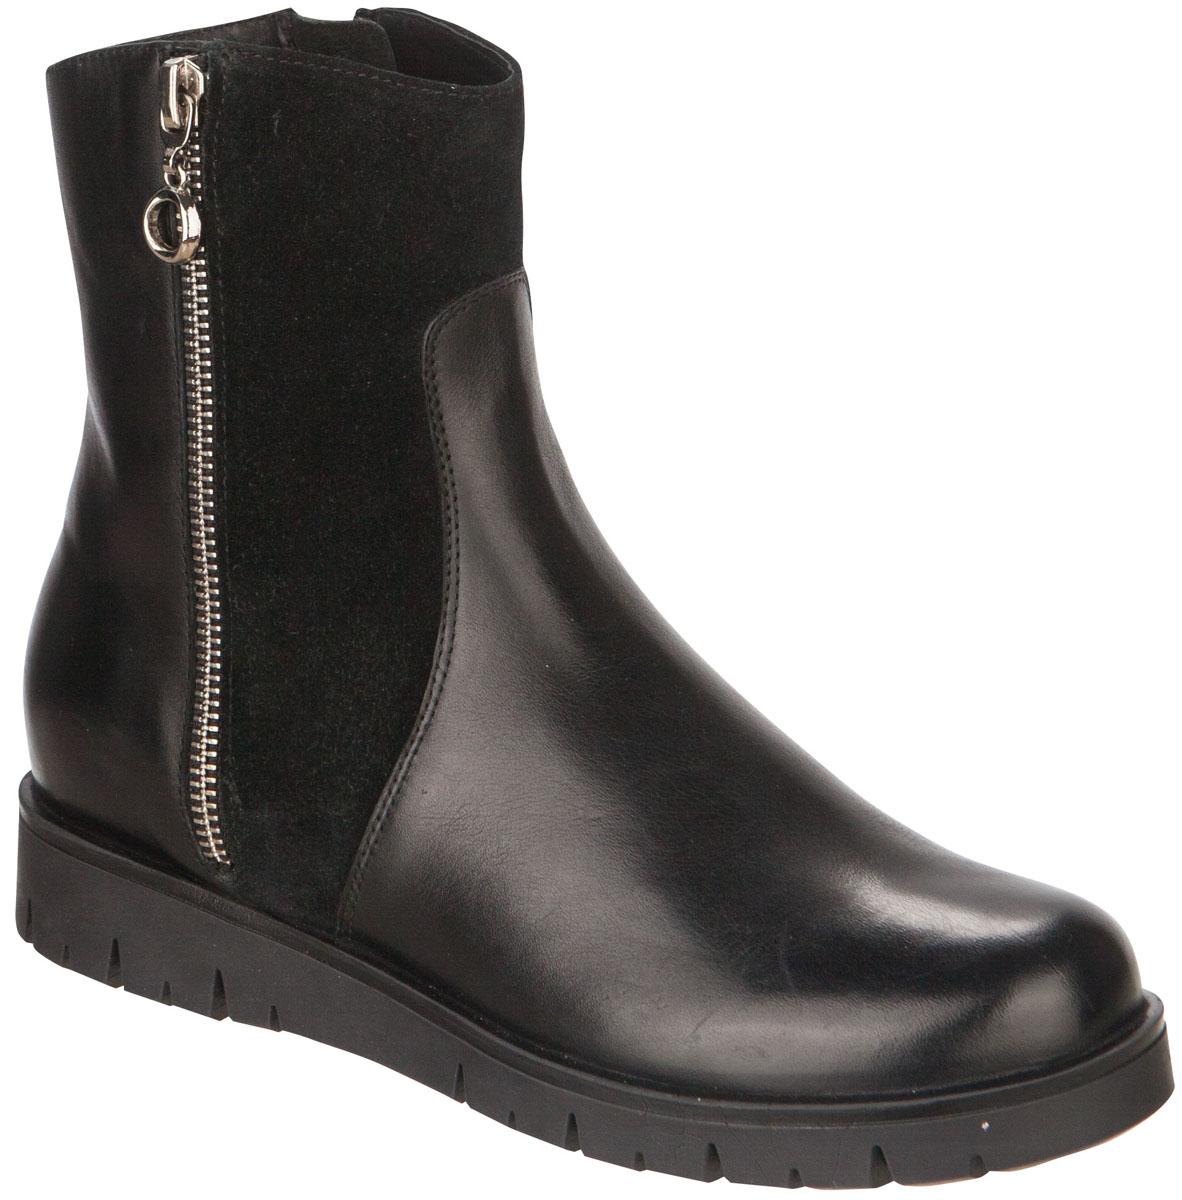 64207Удобные и теплые полусапоги от Kapika выполнены из натуральной кожи в сочетании с натуральной замшей. Застежка-молния надежно фиксирует изделие на ноге. Мягкая подкладка и стелька из натуральной овечьей шерсти обеспечивают тепло, циркуляцию воздуха и сохраняют комфортный микроклимат в обуви. Подошва с протектором гарантирует идеальное сцепление с любыми поверхностями. Сбоку модель оформлена декоративной молнией. Модель большемерит на 1 размер.